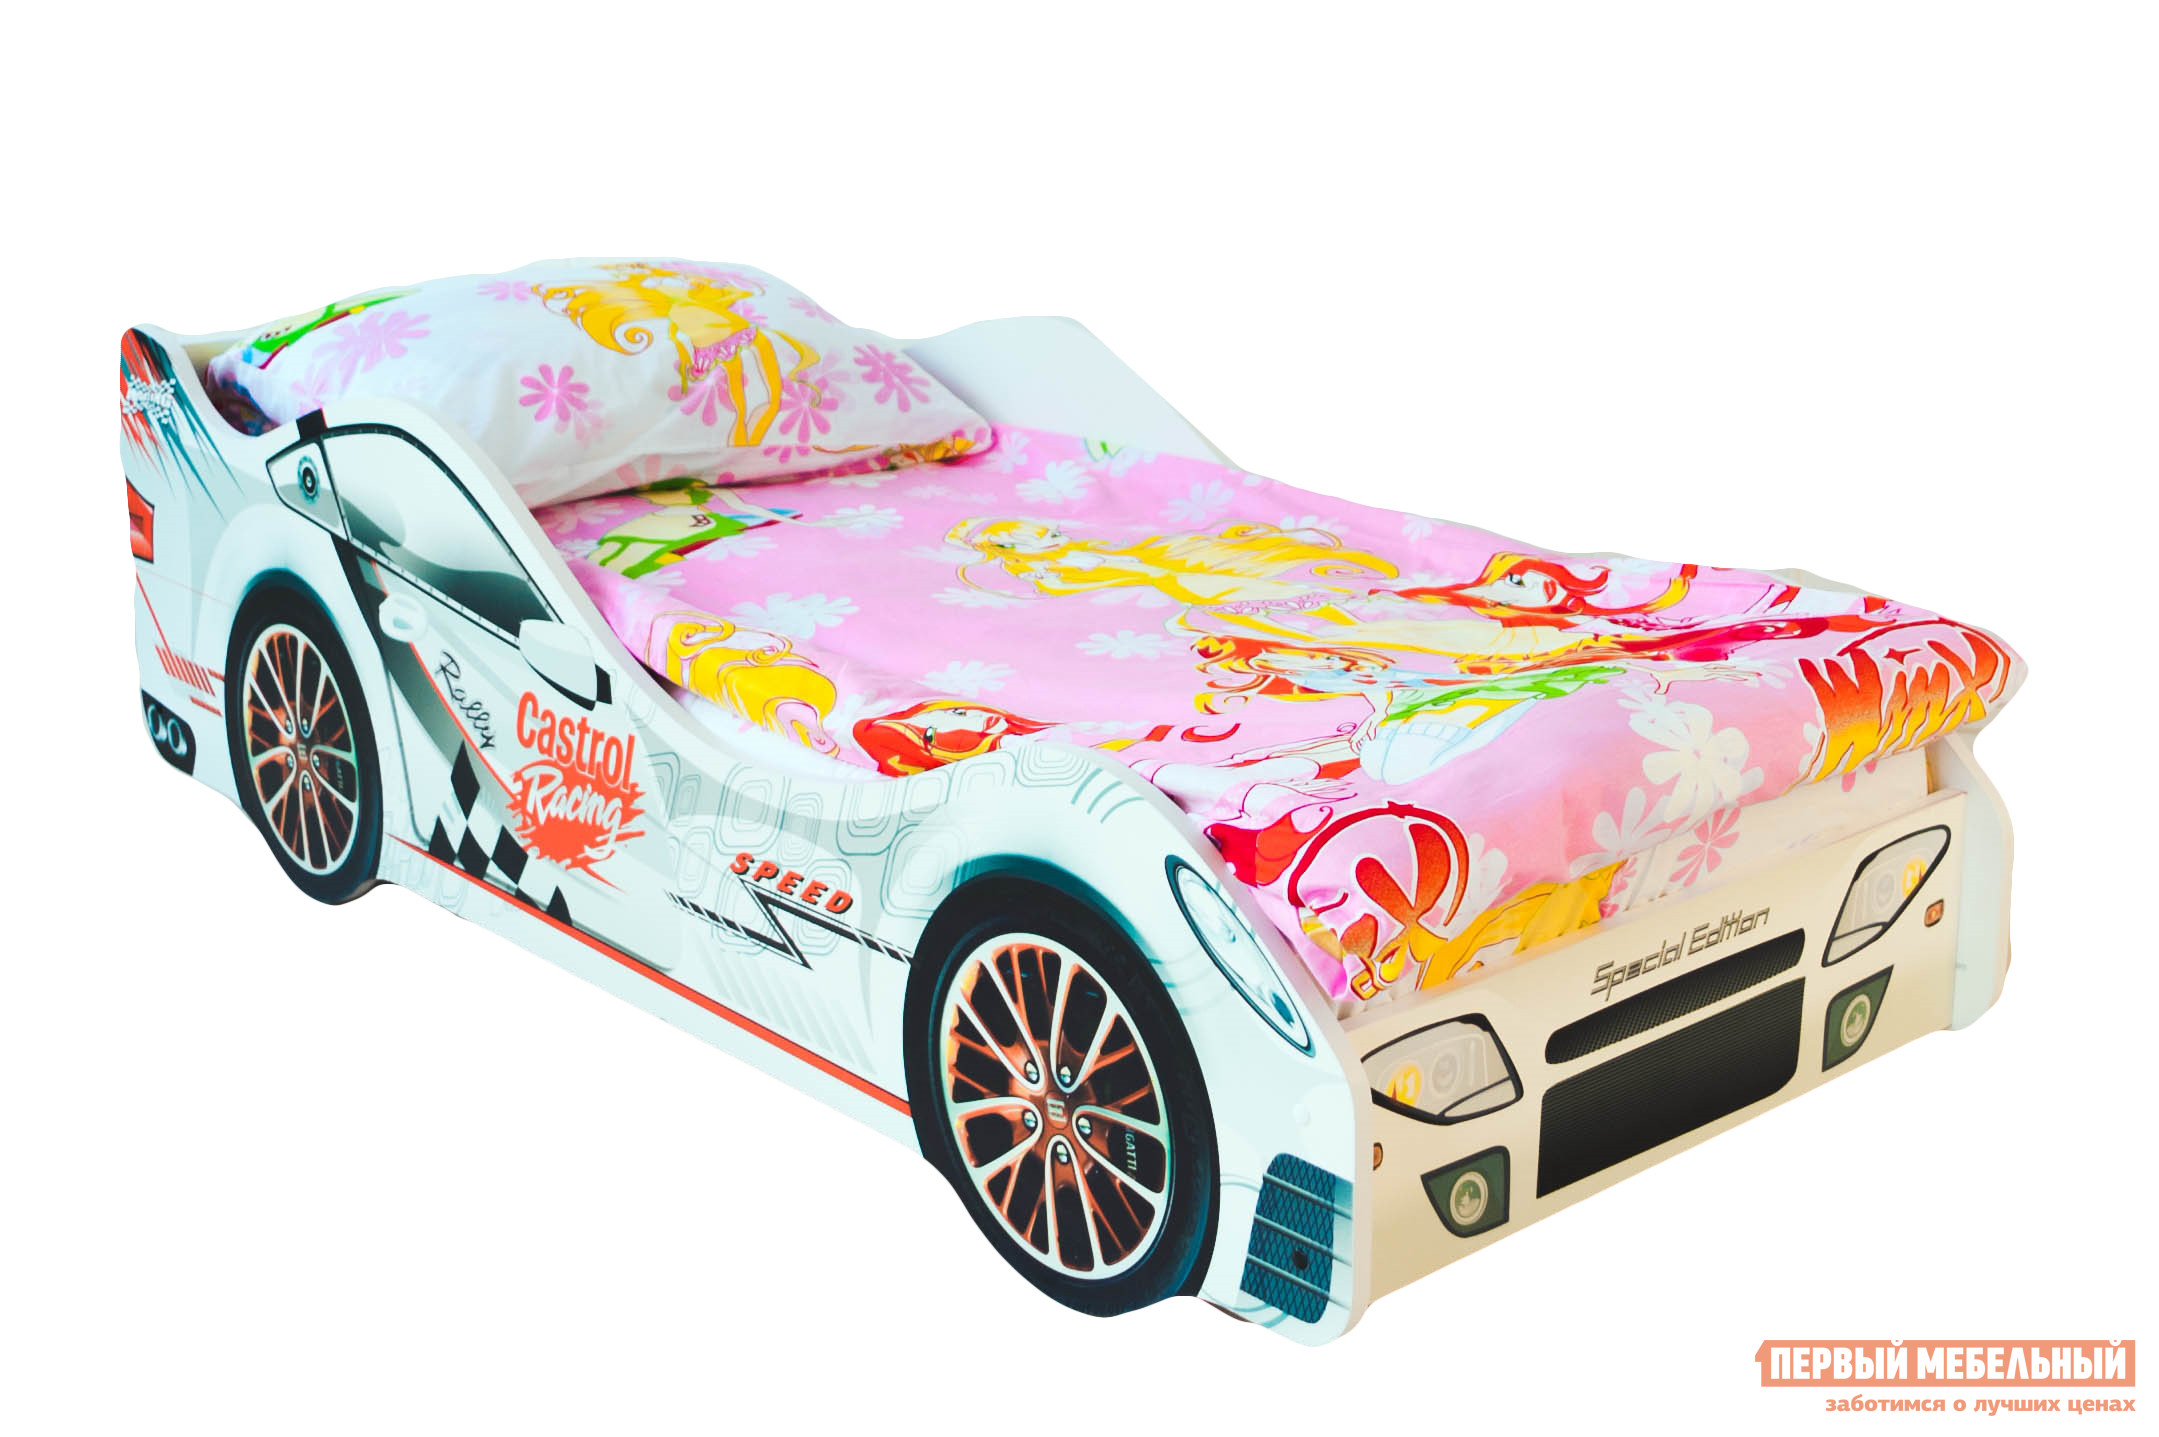 Кровать-машина Бельмарко Безмятежность Белый, Без матрасаКровати-машины<br>Габаритные размеры ВхШхГ 500x750x1700 мм. Яркий гоночный болид станет лучшим проводником в веселые сны. Размер спального места составляет 700х1600 мм. Боковые линии кровати позволяют взрослому удобно сидеть, пока ребенок засыпает, при этом малыш никогда не упадет во сне. Модель очень легко собирается в течении 10 минут. Основание под матрас — деревянные прочные латы, выдерживающие нагрузку до 200 кг.  Латы позволяют матрасу «дышать», если он намокнет — достаточно его перевернуть и он высохнет. Материал изготовления — ЛДСП класса E1 с прямой ультрафиолетовой печатью, что обеспечивает долговечность и безопасность в эксплуатации. Обратите внимание! Необходимо выбрать комплектацию: с матрасом или без. Также вы можете дополнительно заказать светодиодную подсветку дна кровати и пластиковые объемные колеса, с которыми вы можете более подробно ознакомиться во вкладке «Аксессуары».<br><br>Цвет: Белый<br>Цвет: Белый<br>Высота мм: 500<br>Ширина мм: 750<br>Глубина мм: 1700<br>Кол-во упаковок: 2<br>Форма поставки: В разобранном виде<br>Срок гарантии: 1 год<br>Материал: Деревянные, из ЛДСП<br>Особенности: С бортиками, С колесами, С матрасом, С подсветкой<br>Возраст: От 3-х лет<br>Модель: Гонка<br>Пол: Для девочек, Для мальчиков